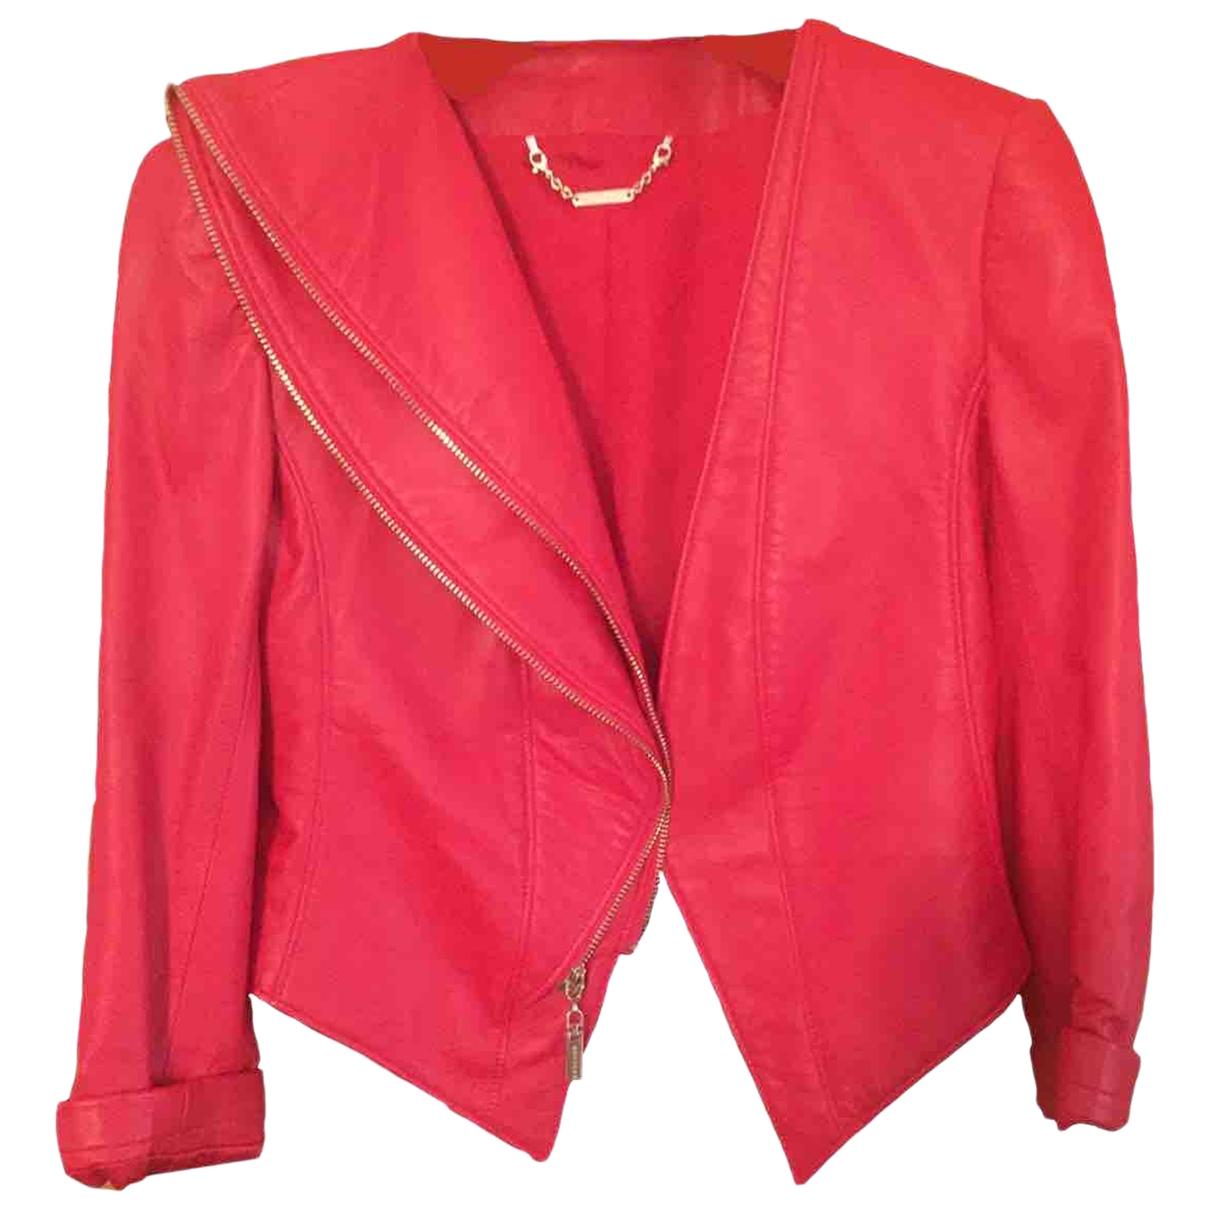 Mangano \N Jacke in  Rot Leder